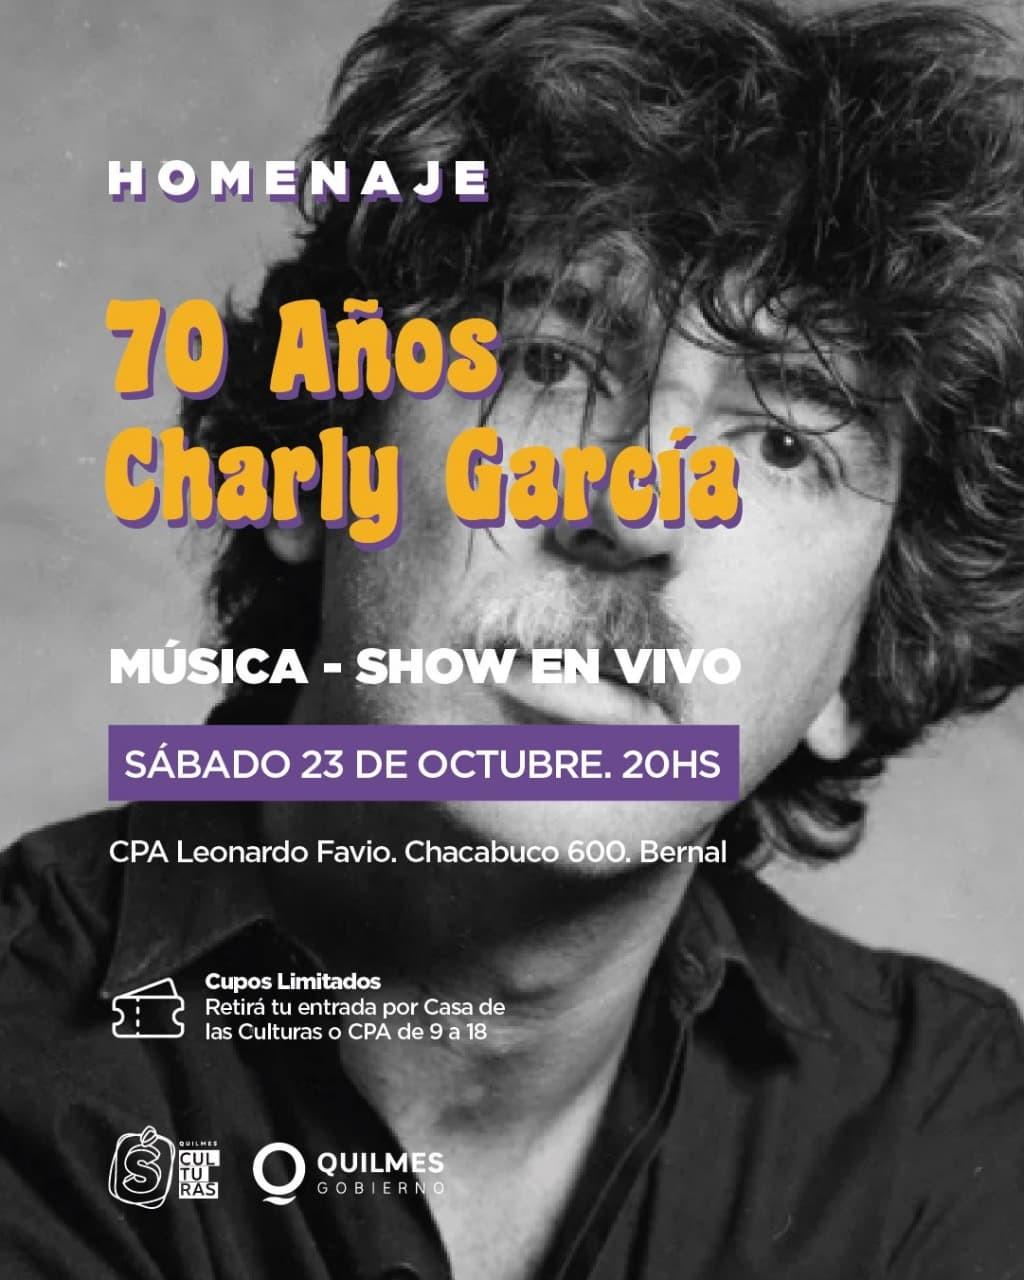 Quilmes: El Municipio invita a los vecinos al homenaje de Charly García